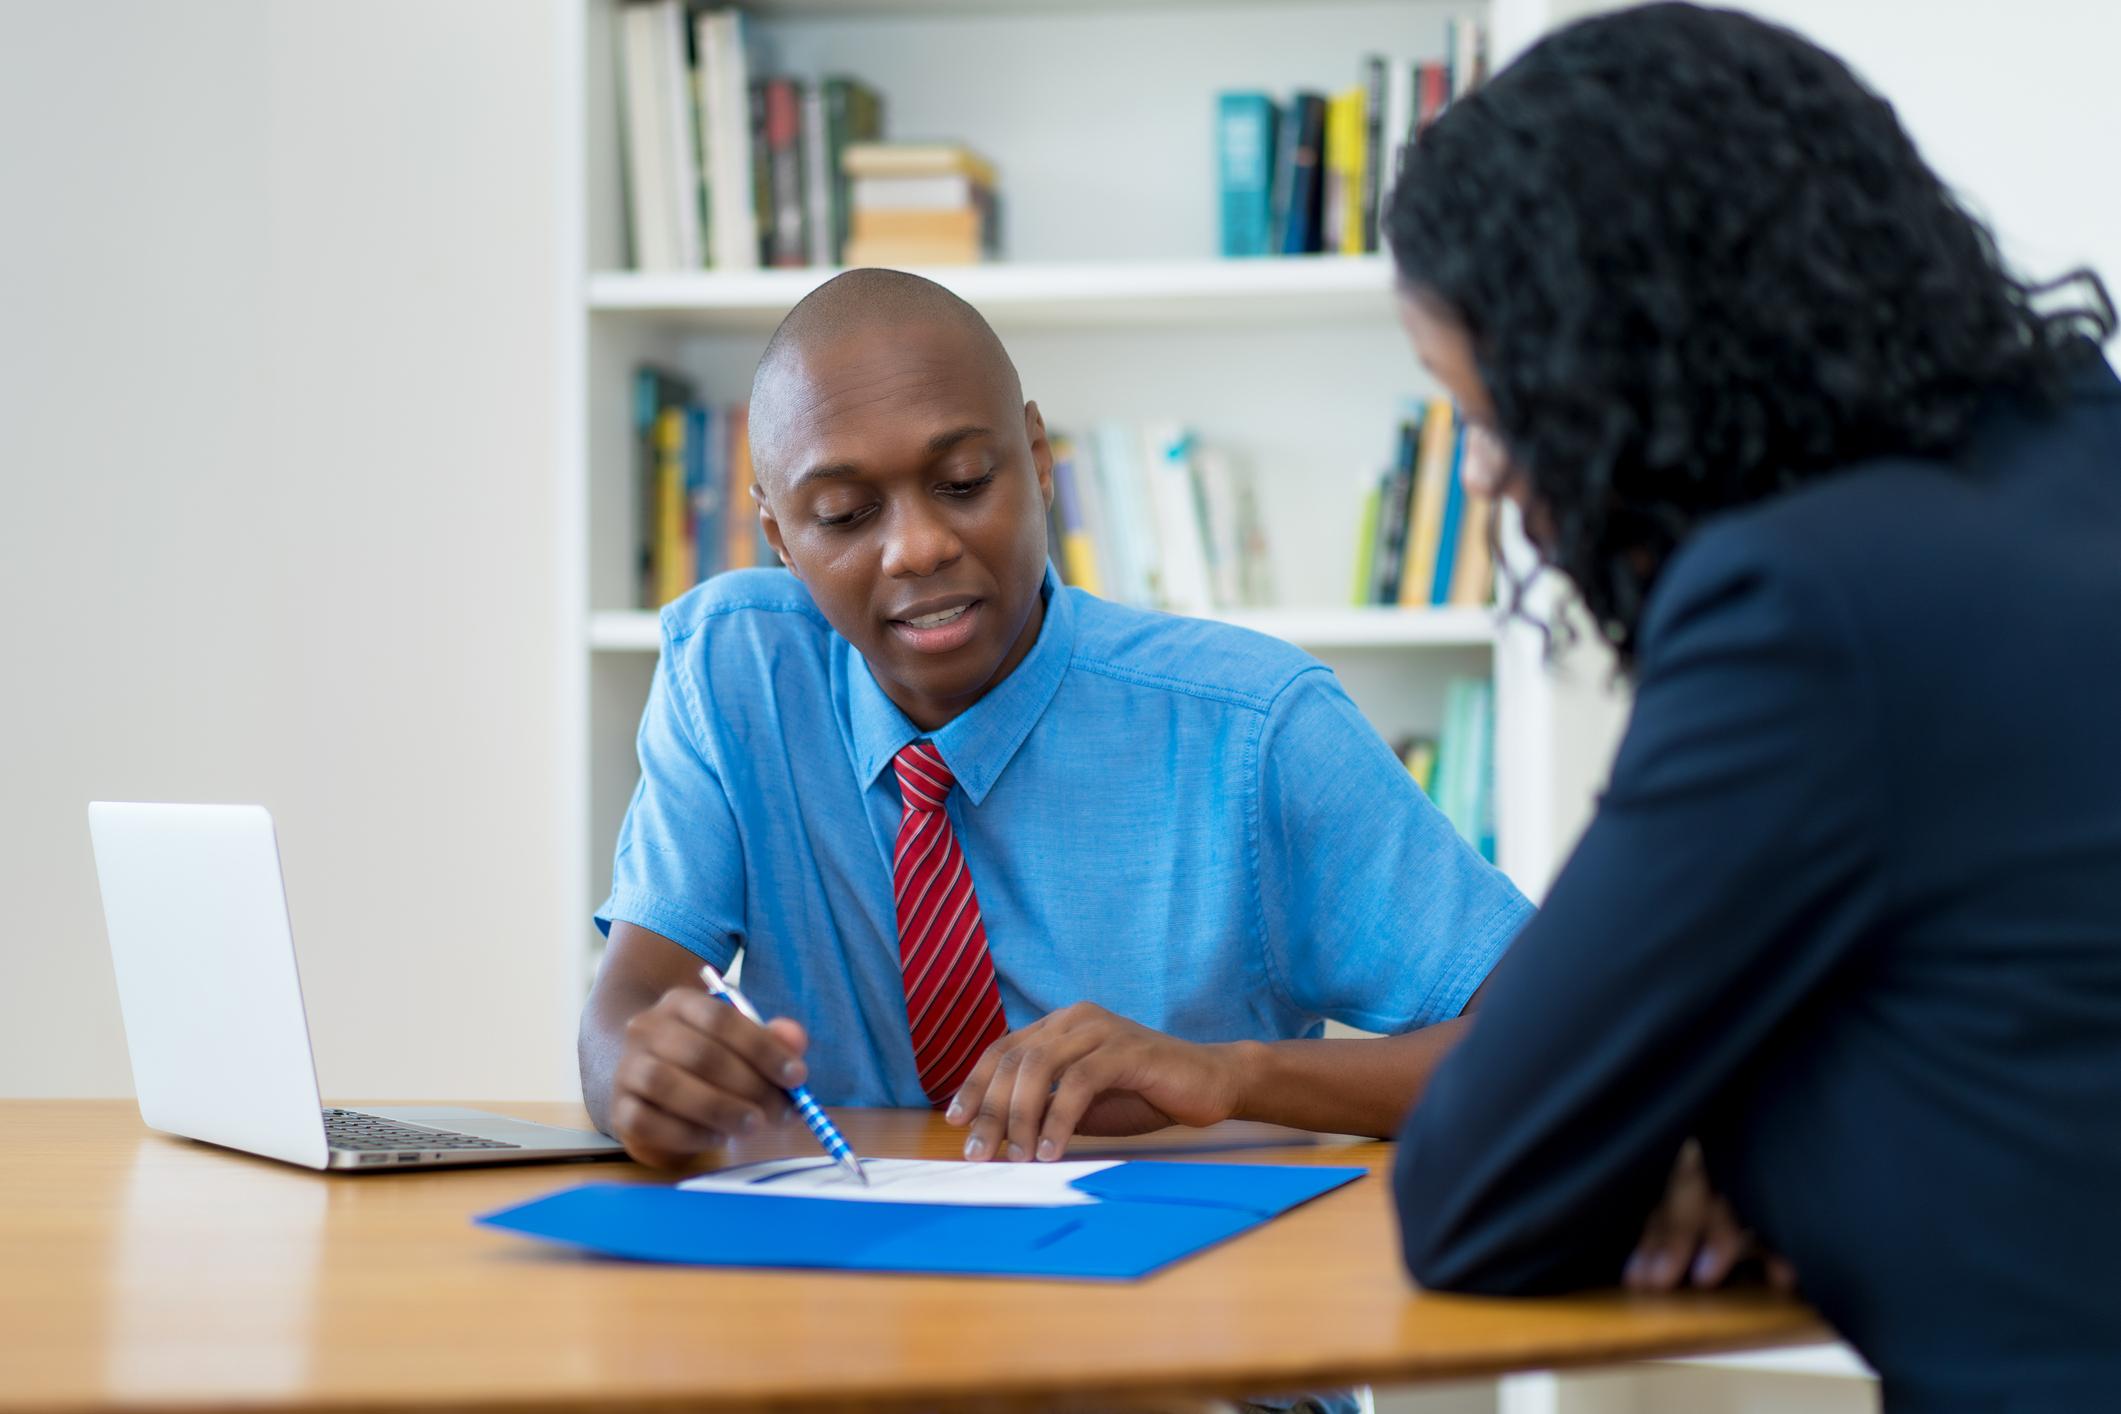 Mann og kvinne i dialog ved et bord